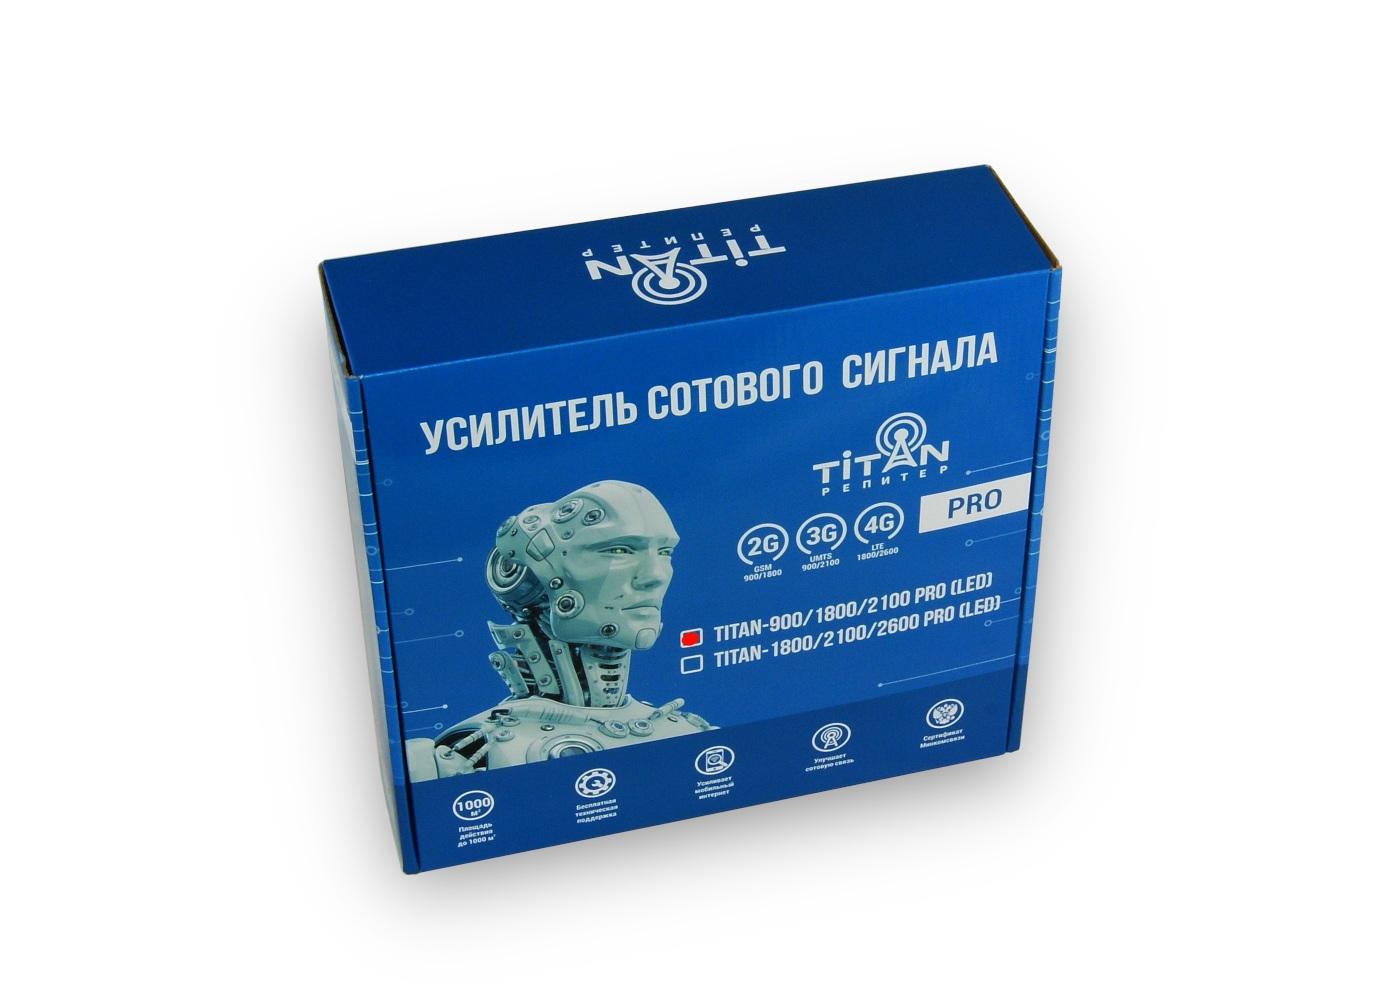 Упаковка для репитера Titan-900/1800/2100 PRO (LED)